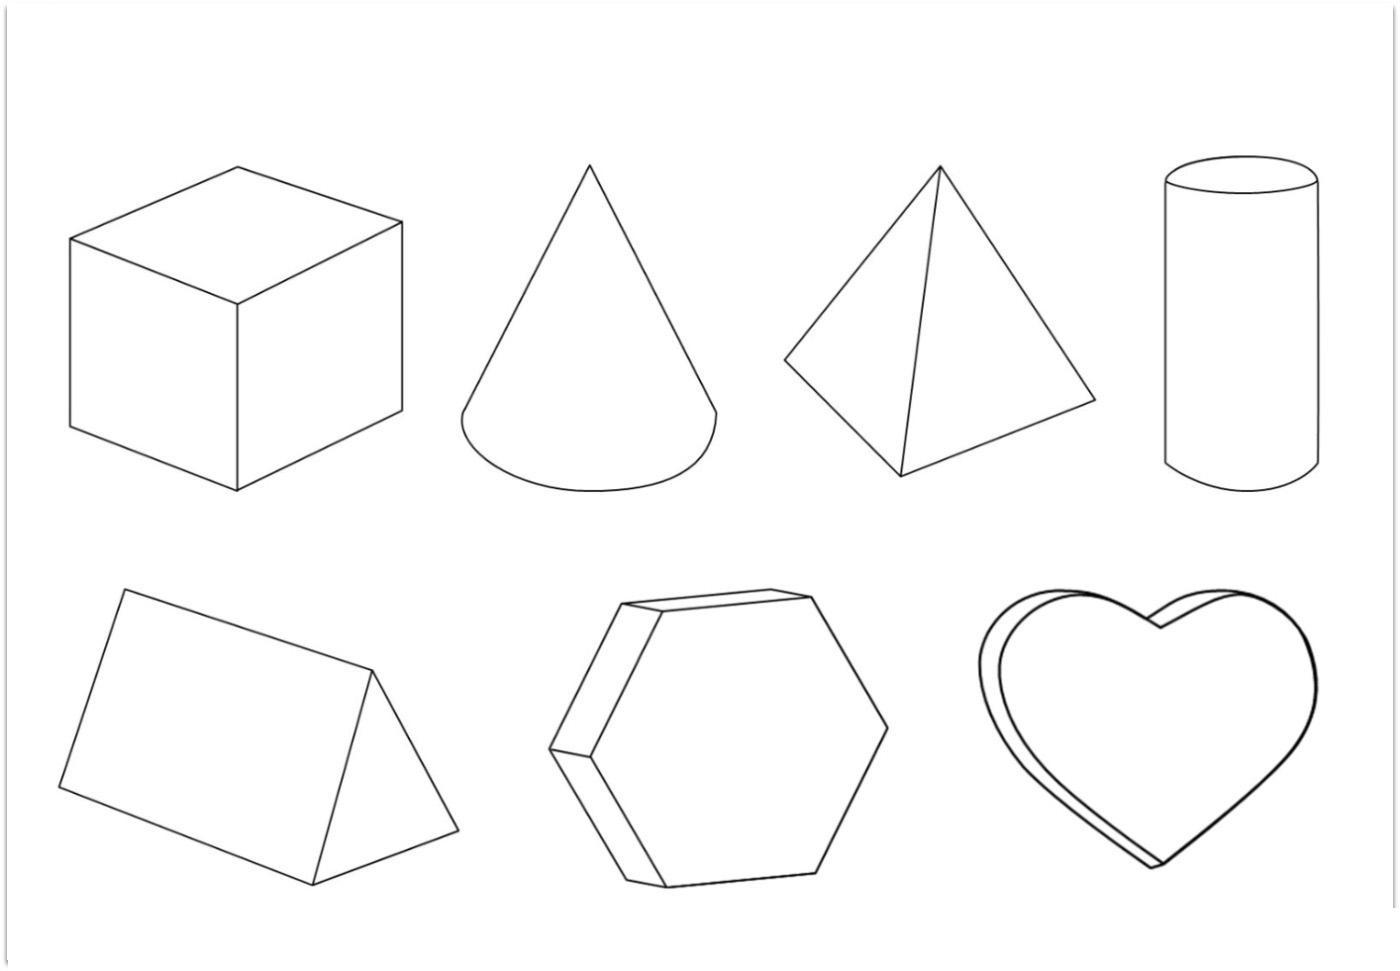 Раскраски геометрические фигуры из бумаги объемные геометрические фигуры контур, шаблоны